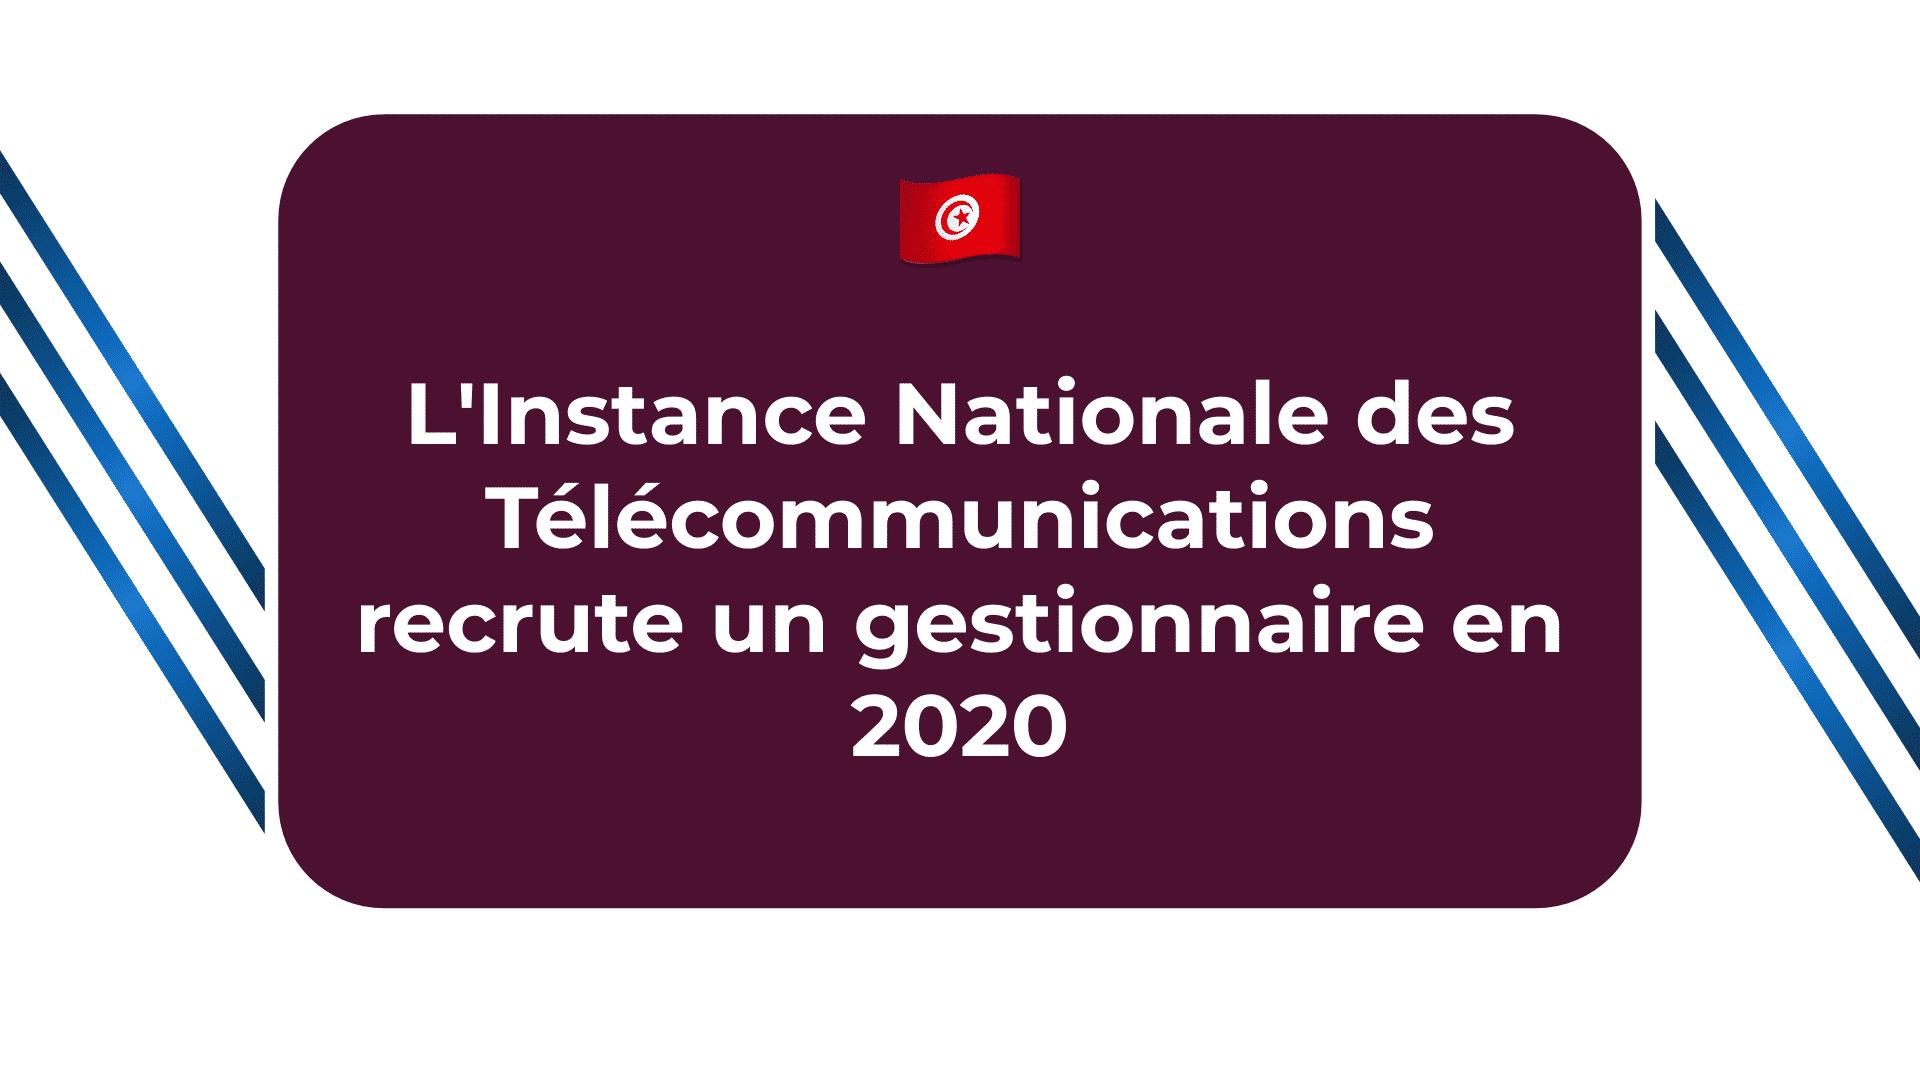 L'Instance Nationale des Télécommunications recrute un gestionnaire